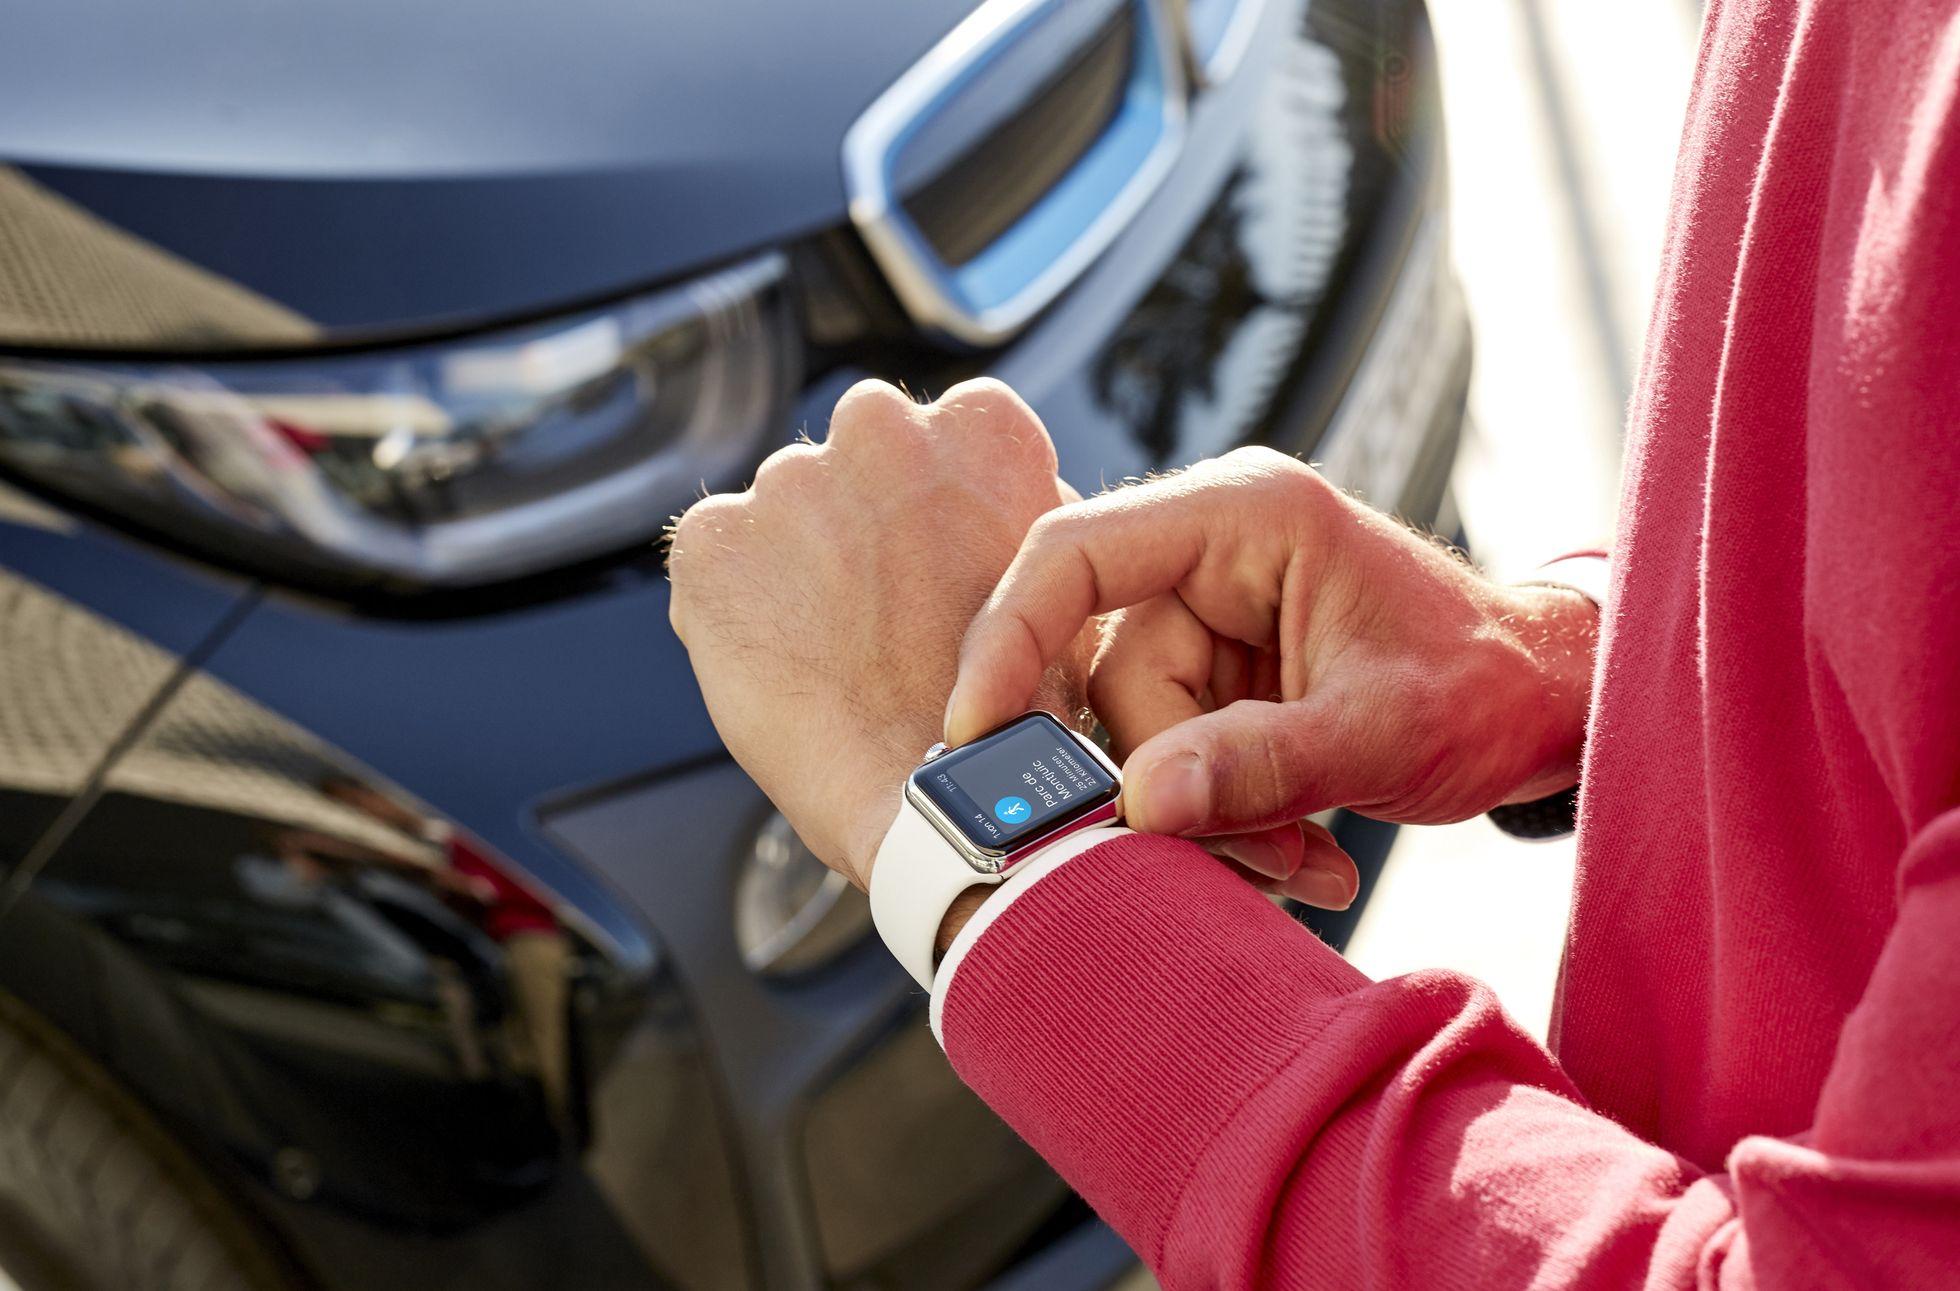 BMW Connected: Bei BMW fängt Fahren auf dem Smartphone an - BMW Connected geleitet den Fahrer vom Parkplatz zum Ziel. (Foto: BMW)